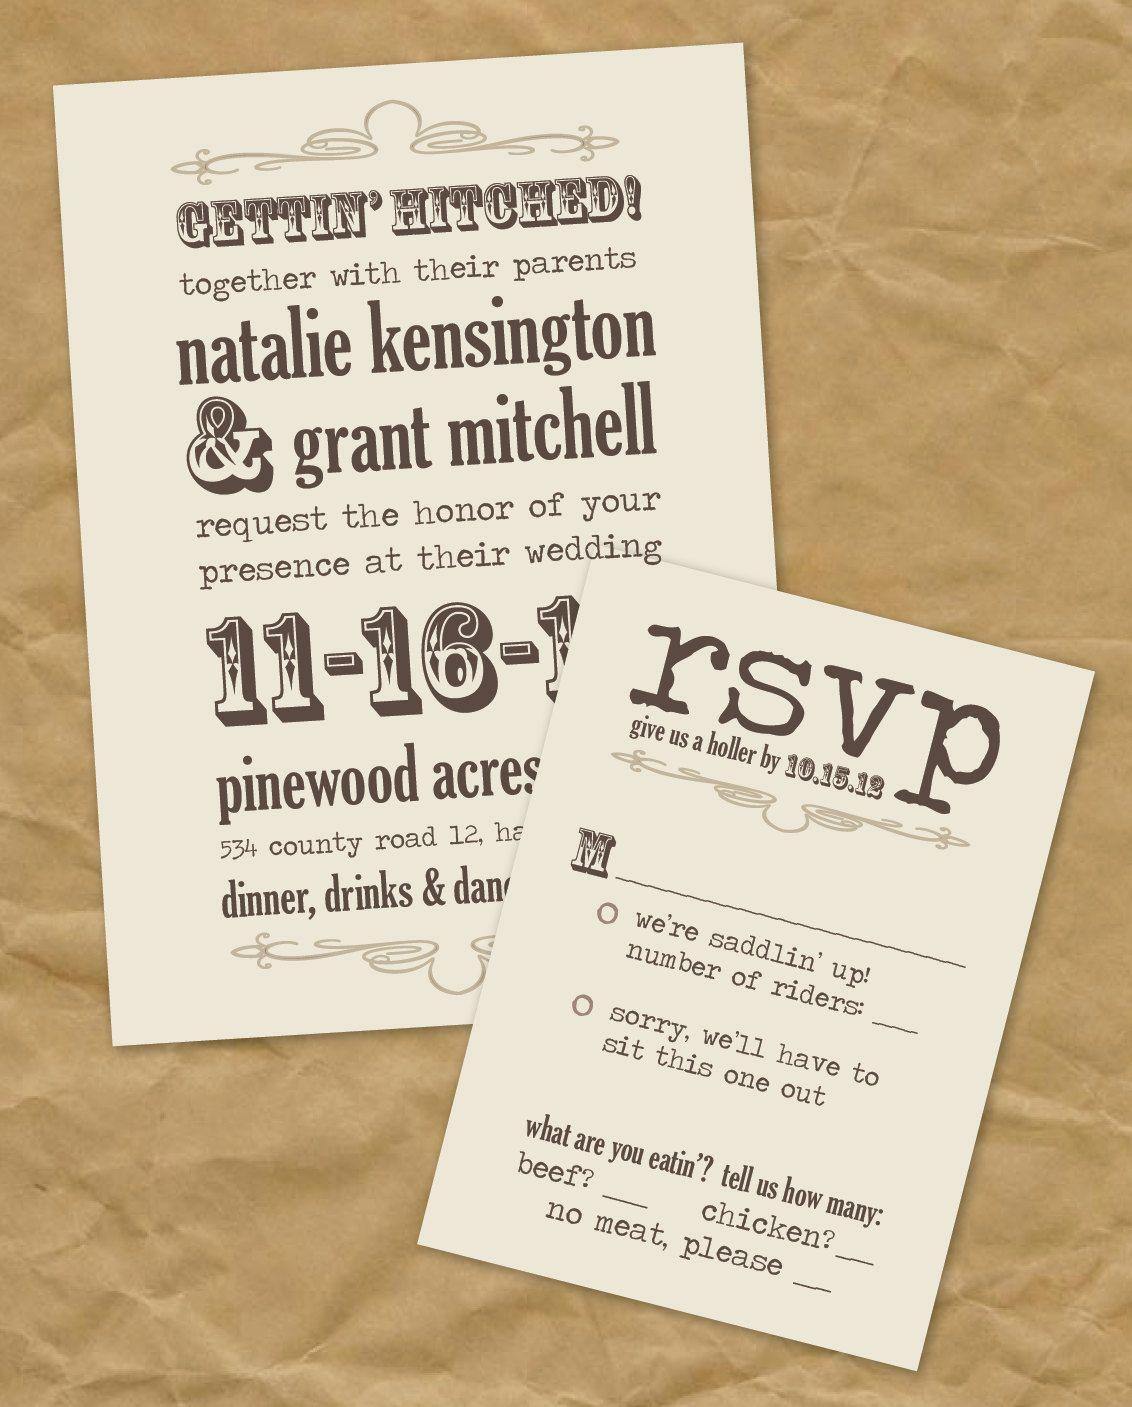 Western wedding invitations wedding ideas pinterest wedding western wedding invitations filmwisefo